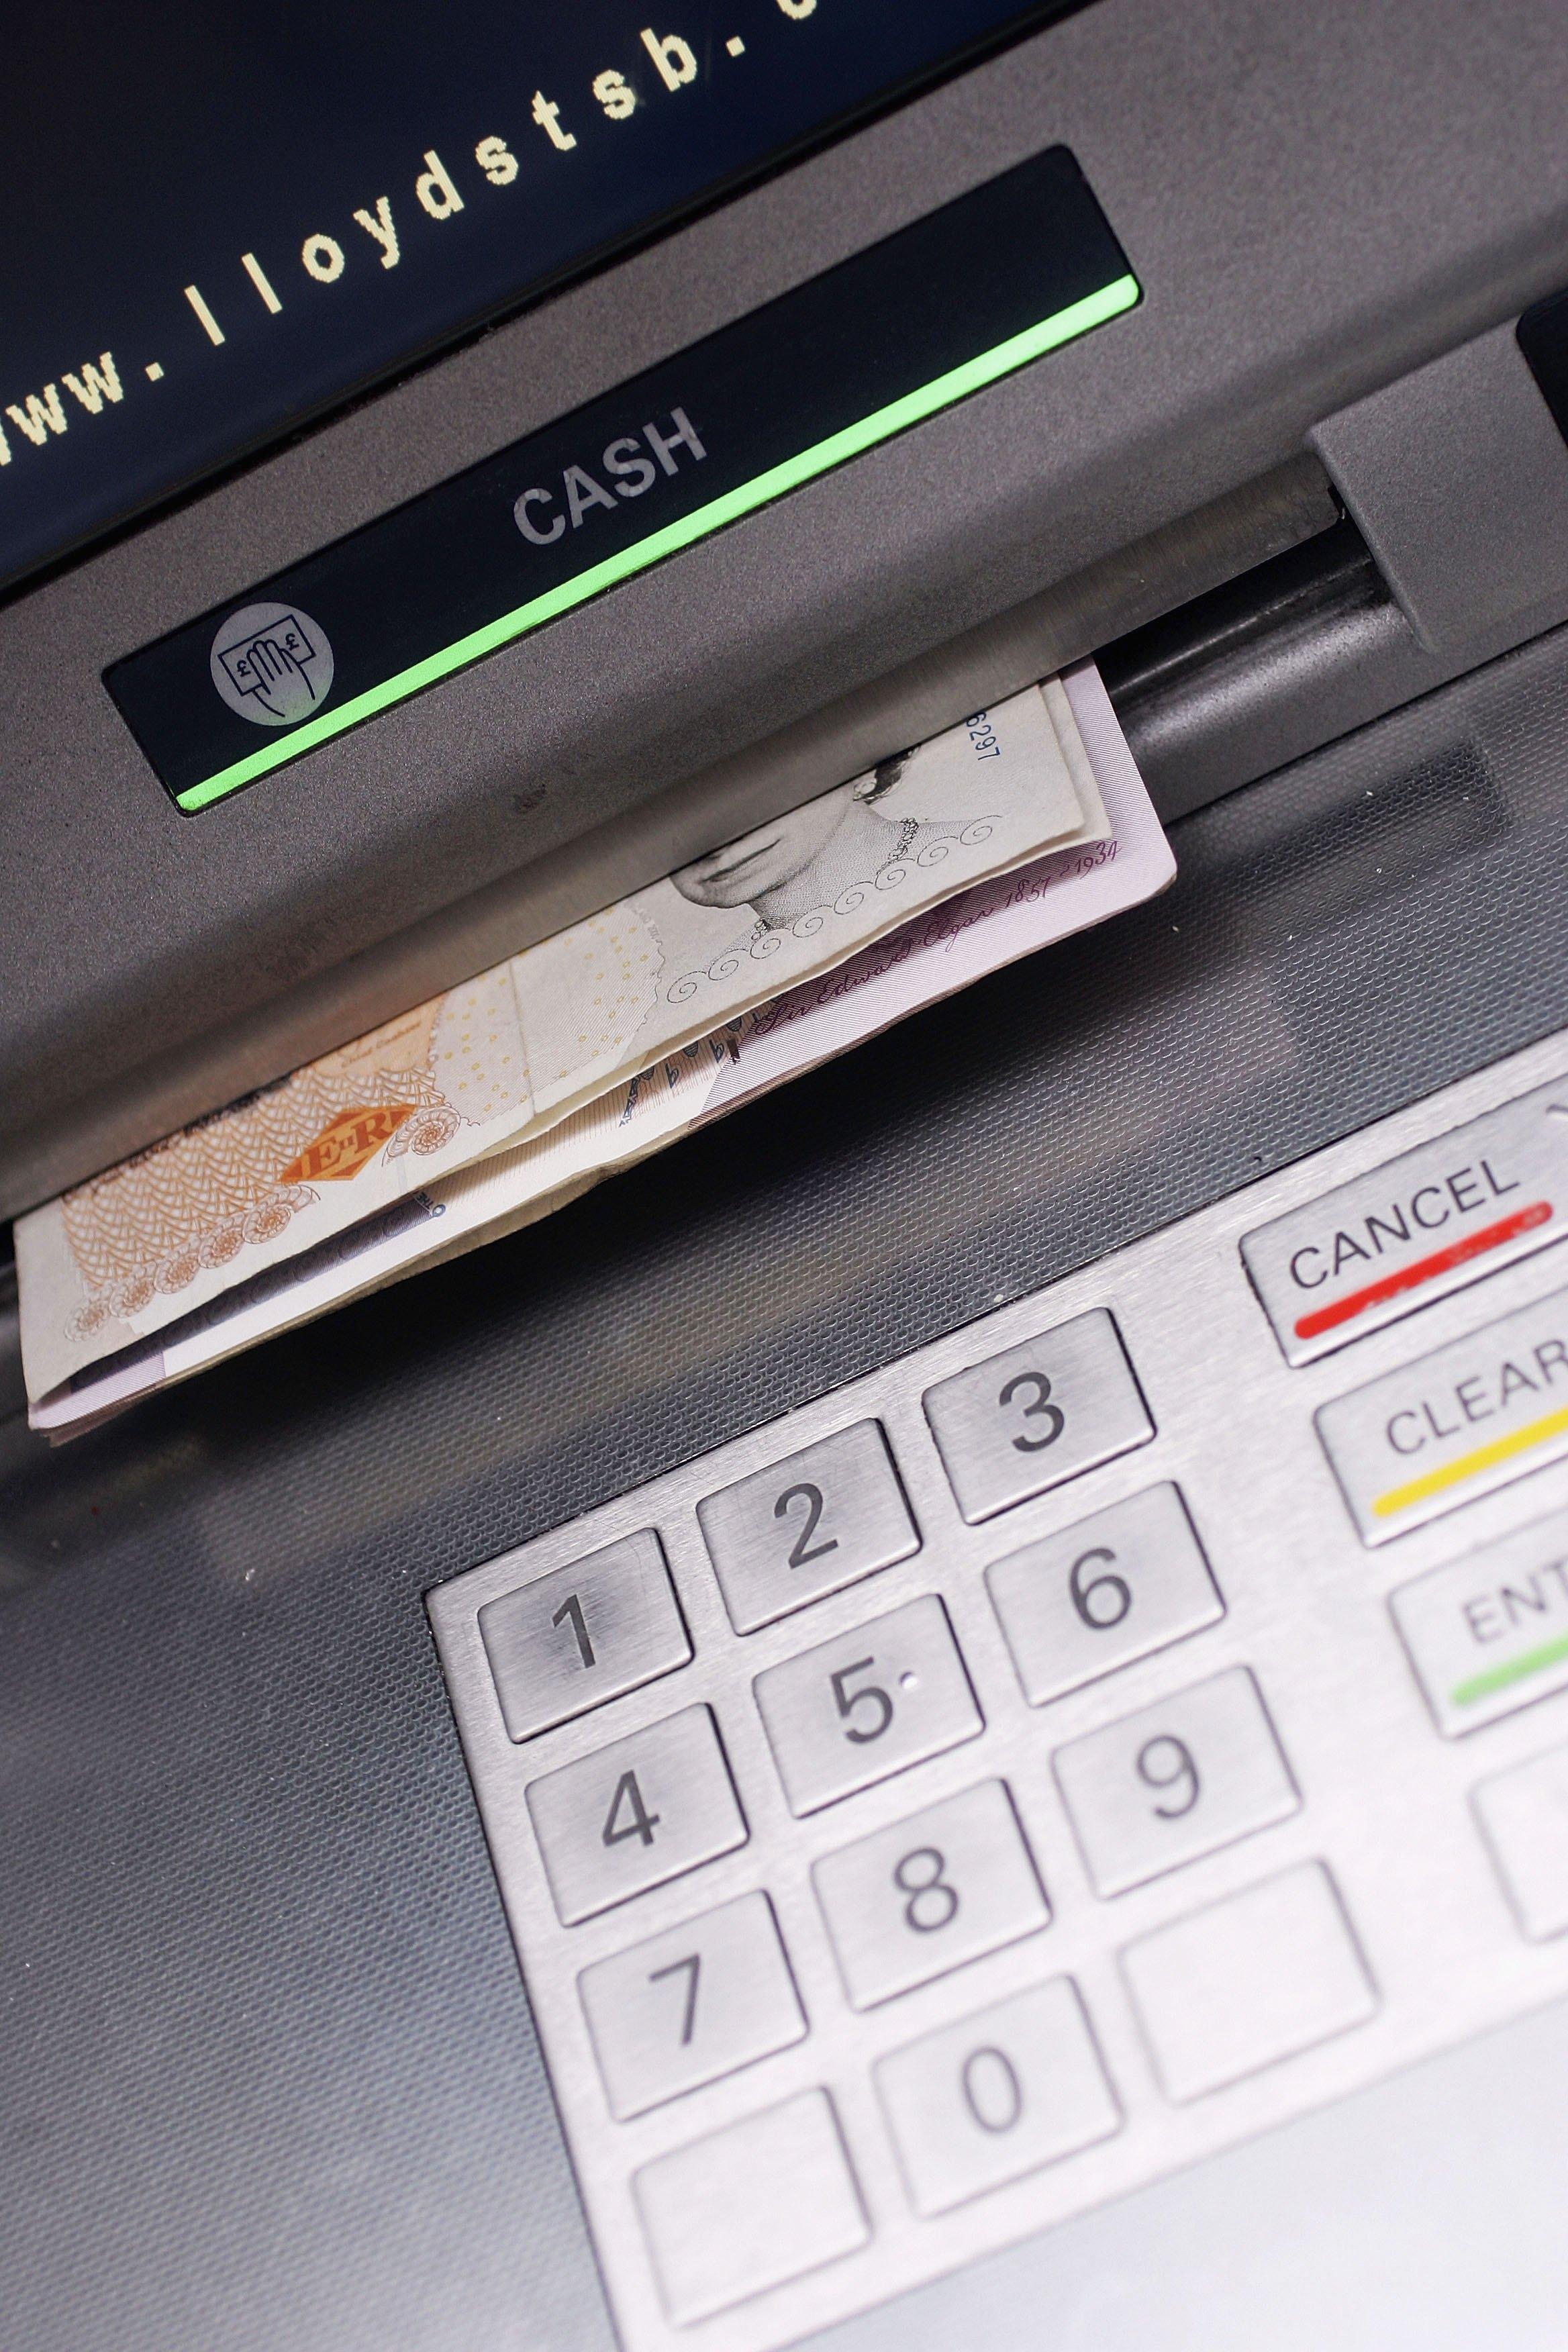 Criminals use fake keypads to get your bank cash